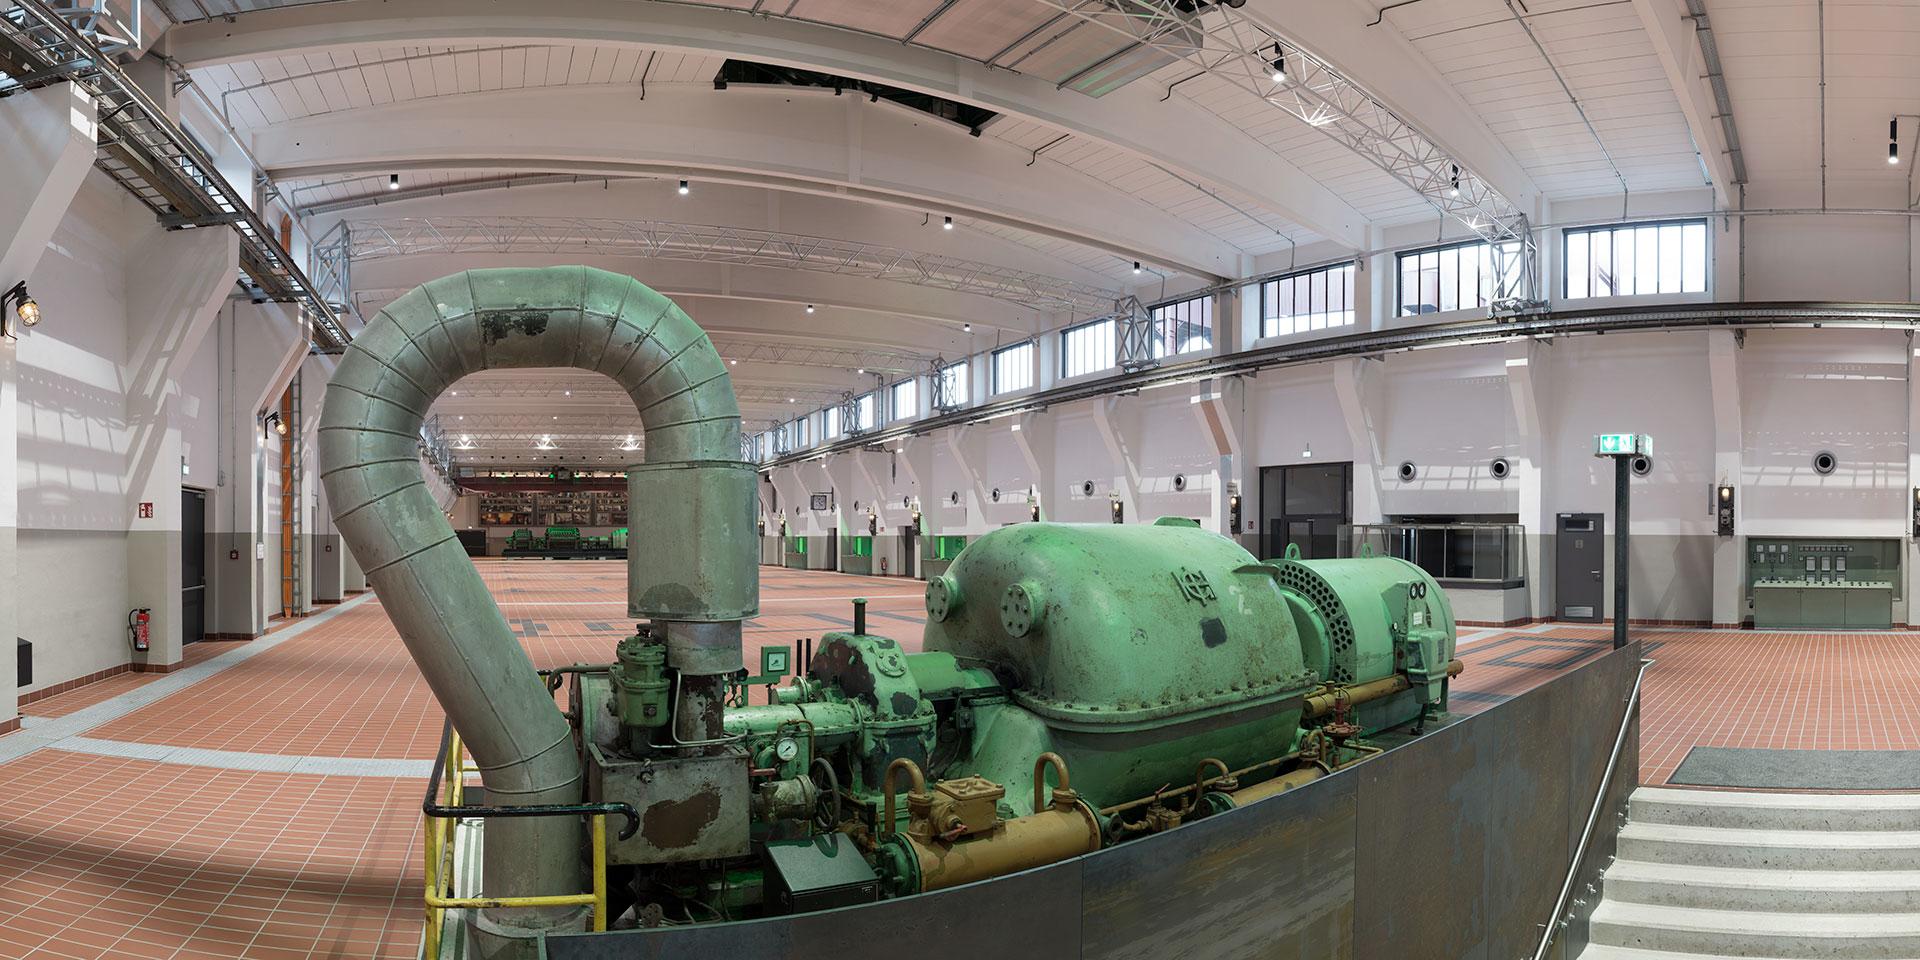 Grand Hall Zollverein - Essen